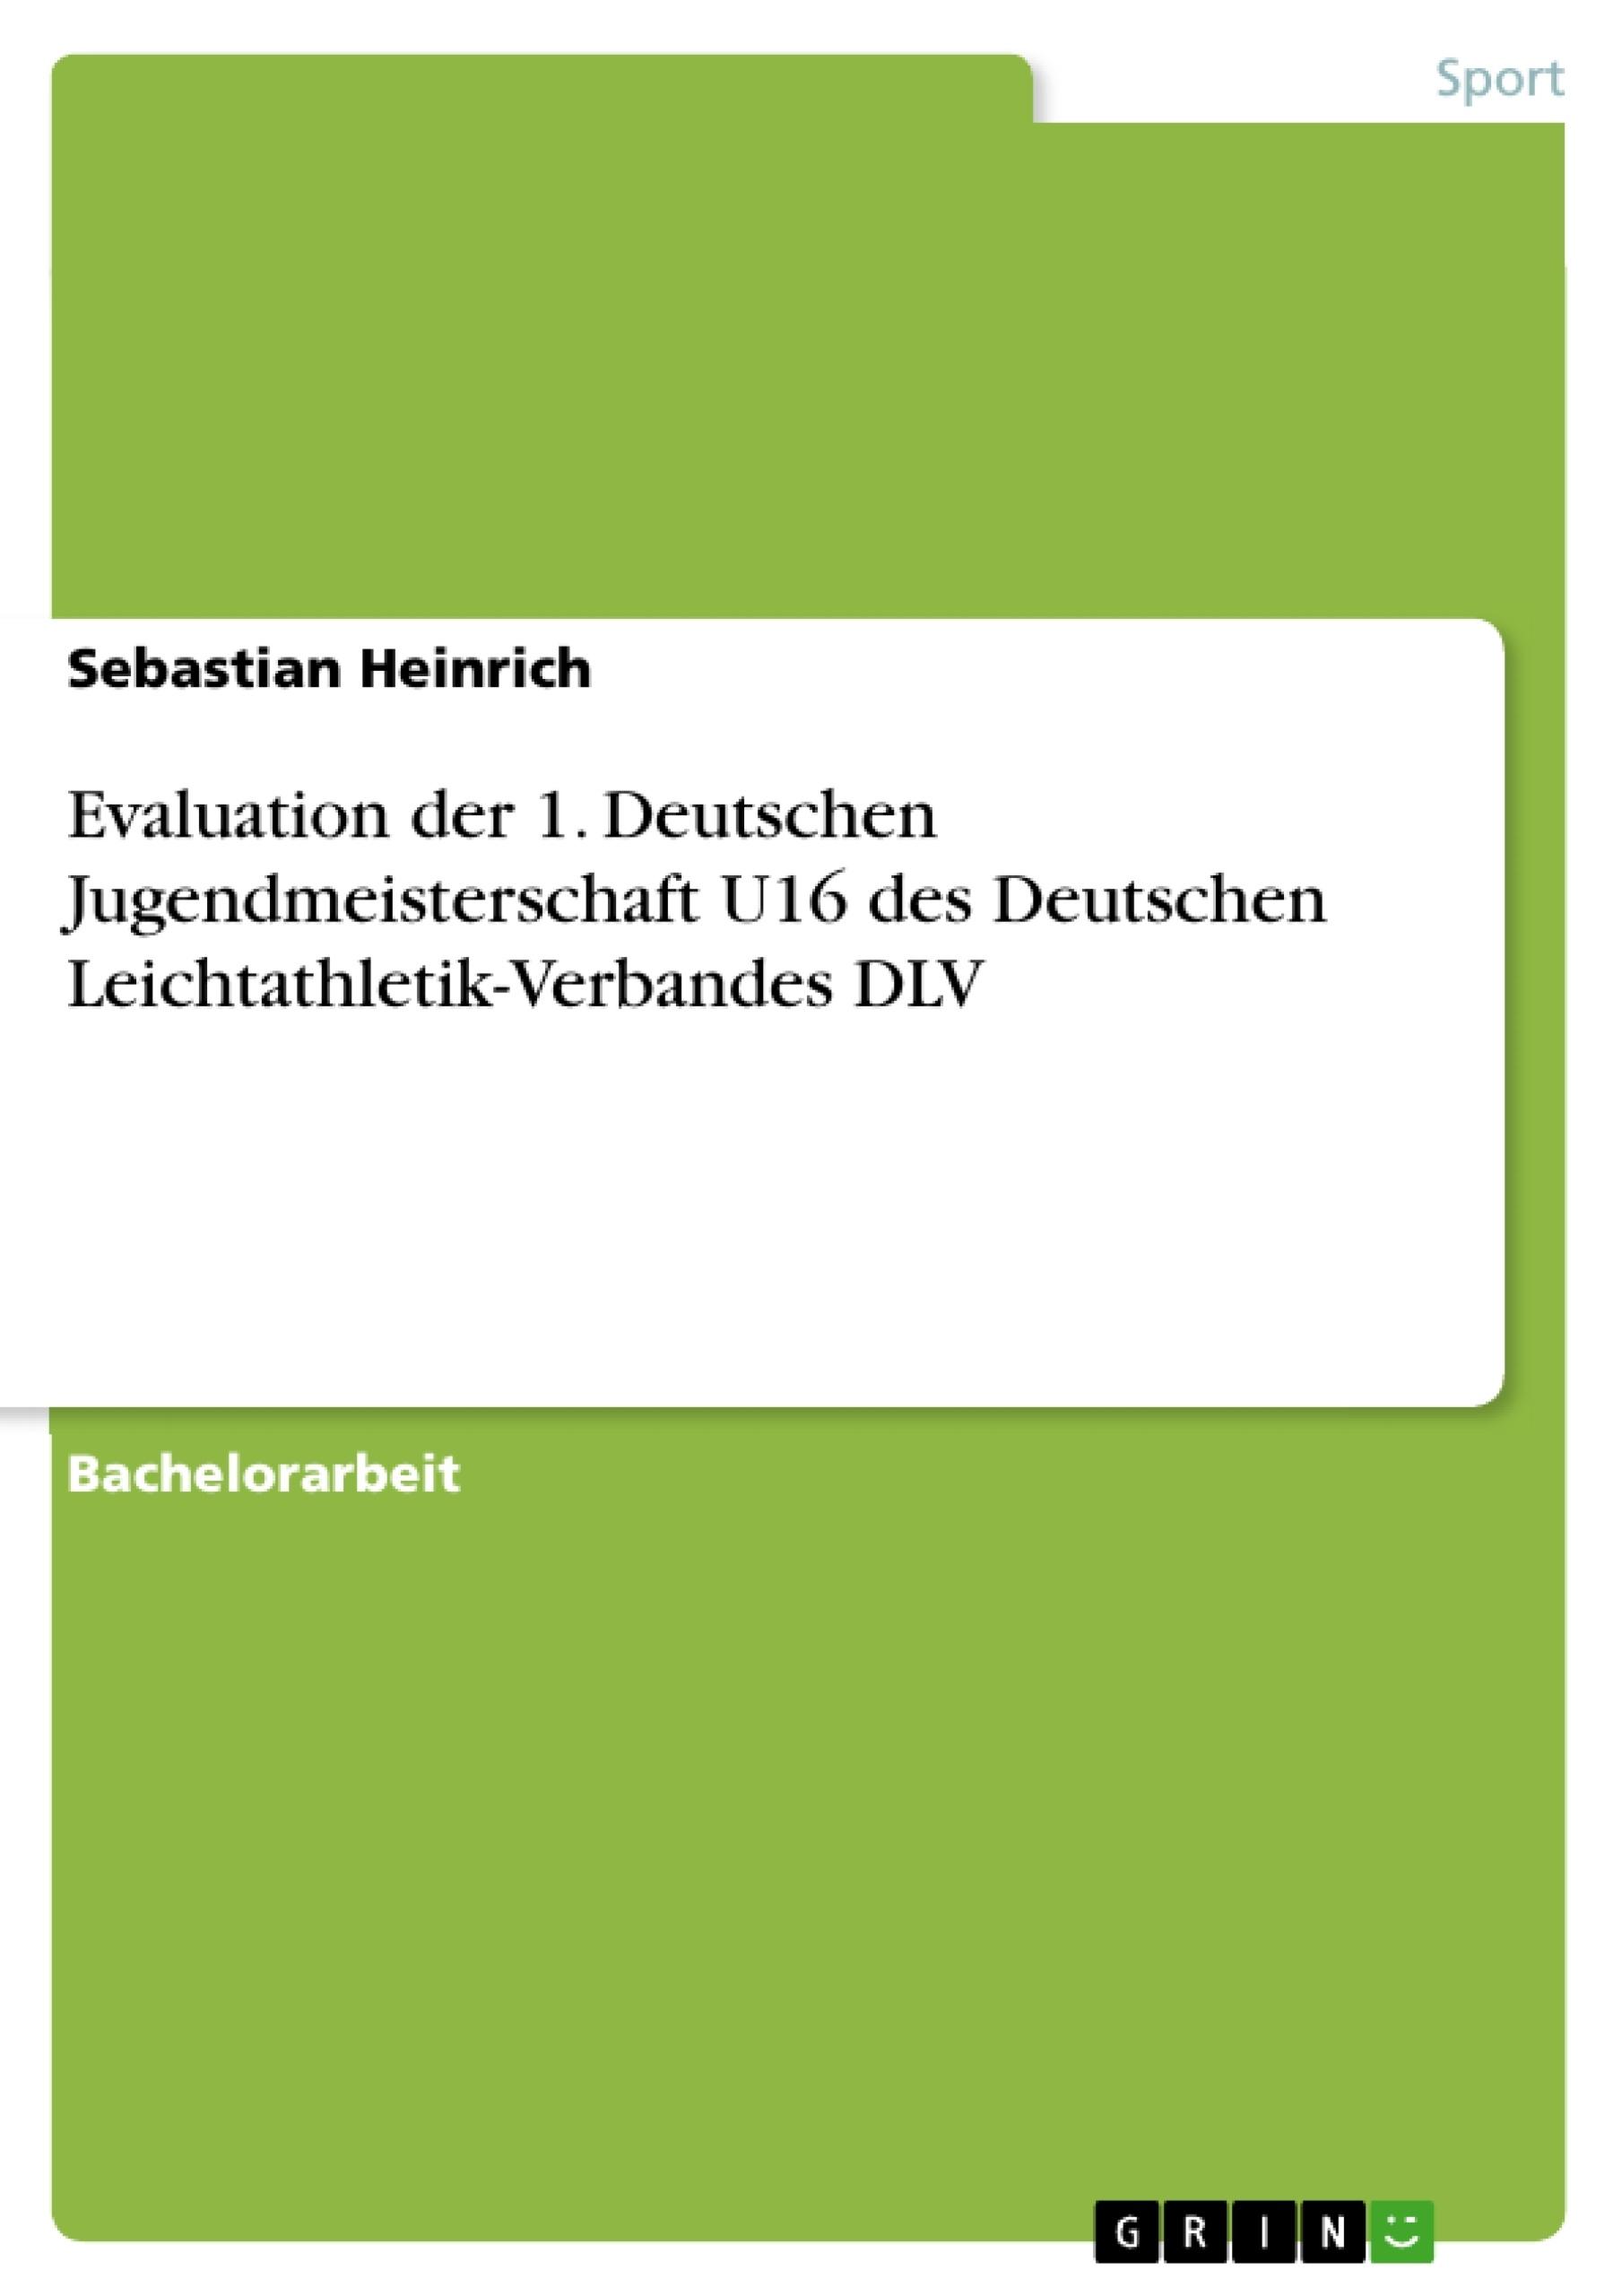 Titel: Evaluation der 1. Deutschen Jugendmeisterschaft U16 des Deutschen Leichtathletik-Verbandes DLV